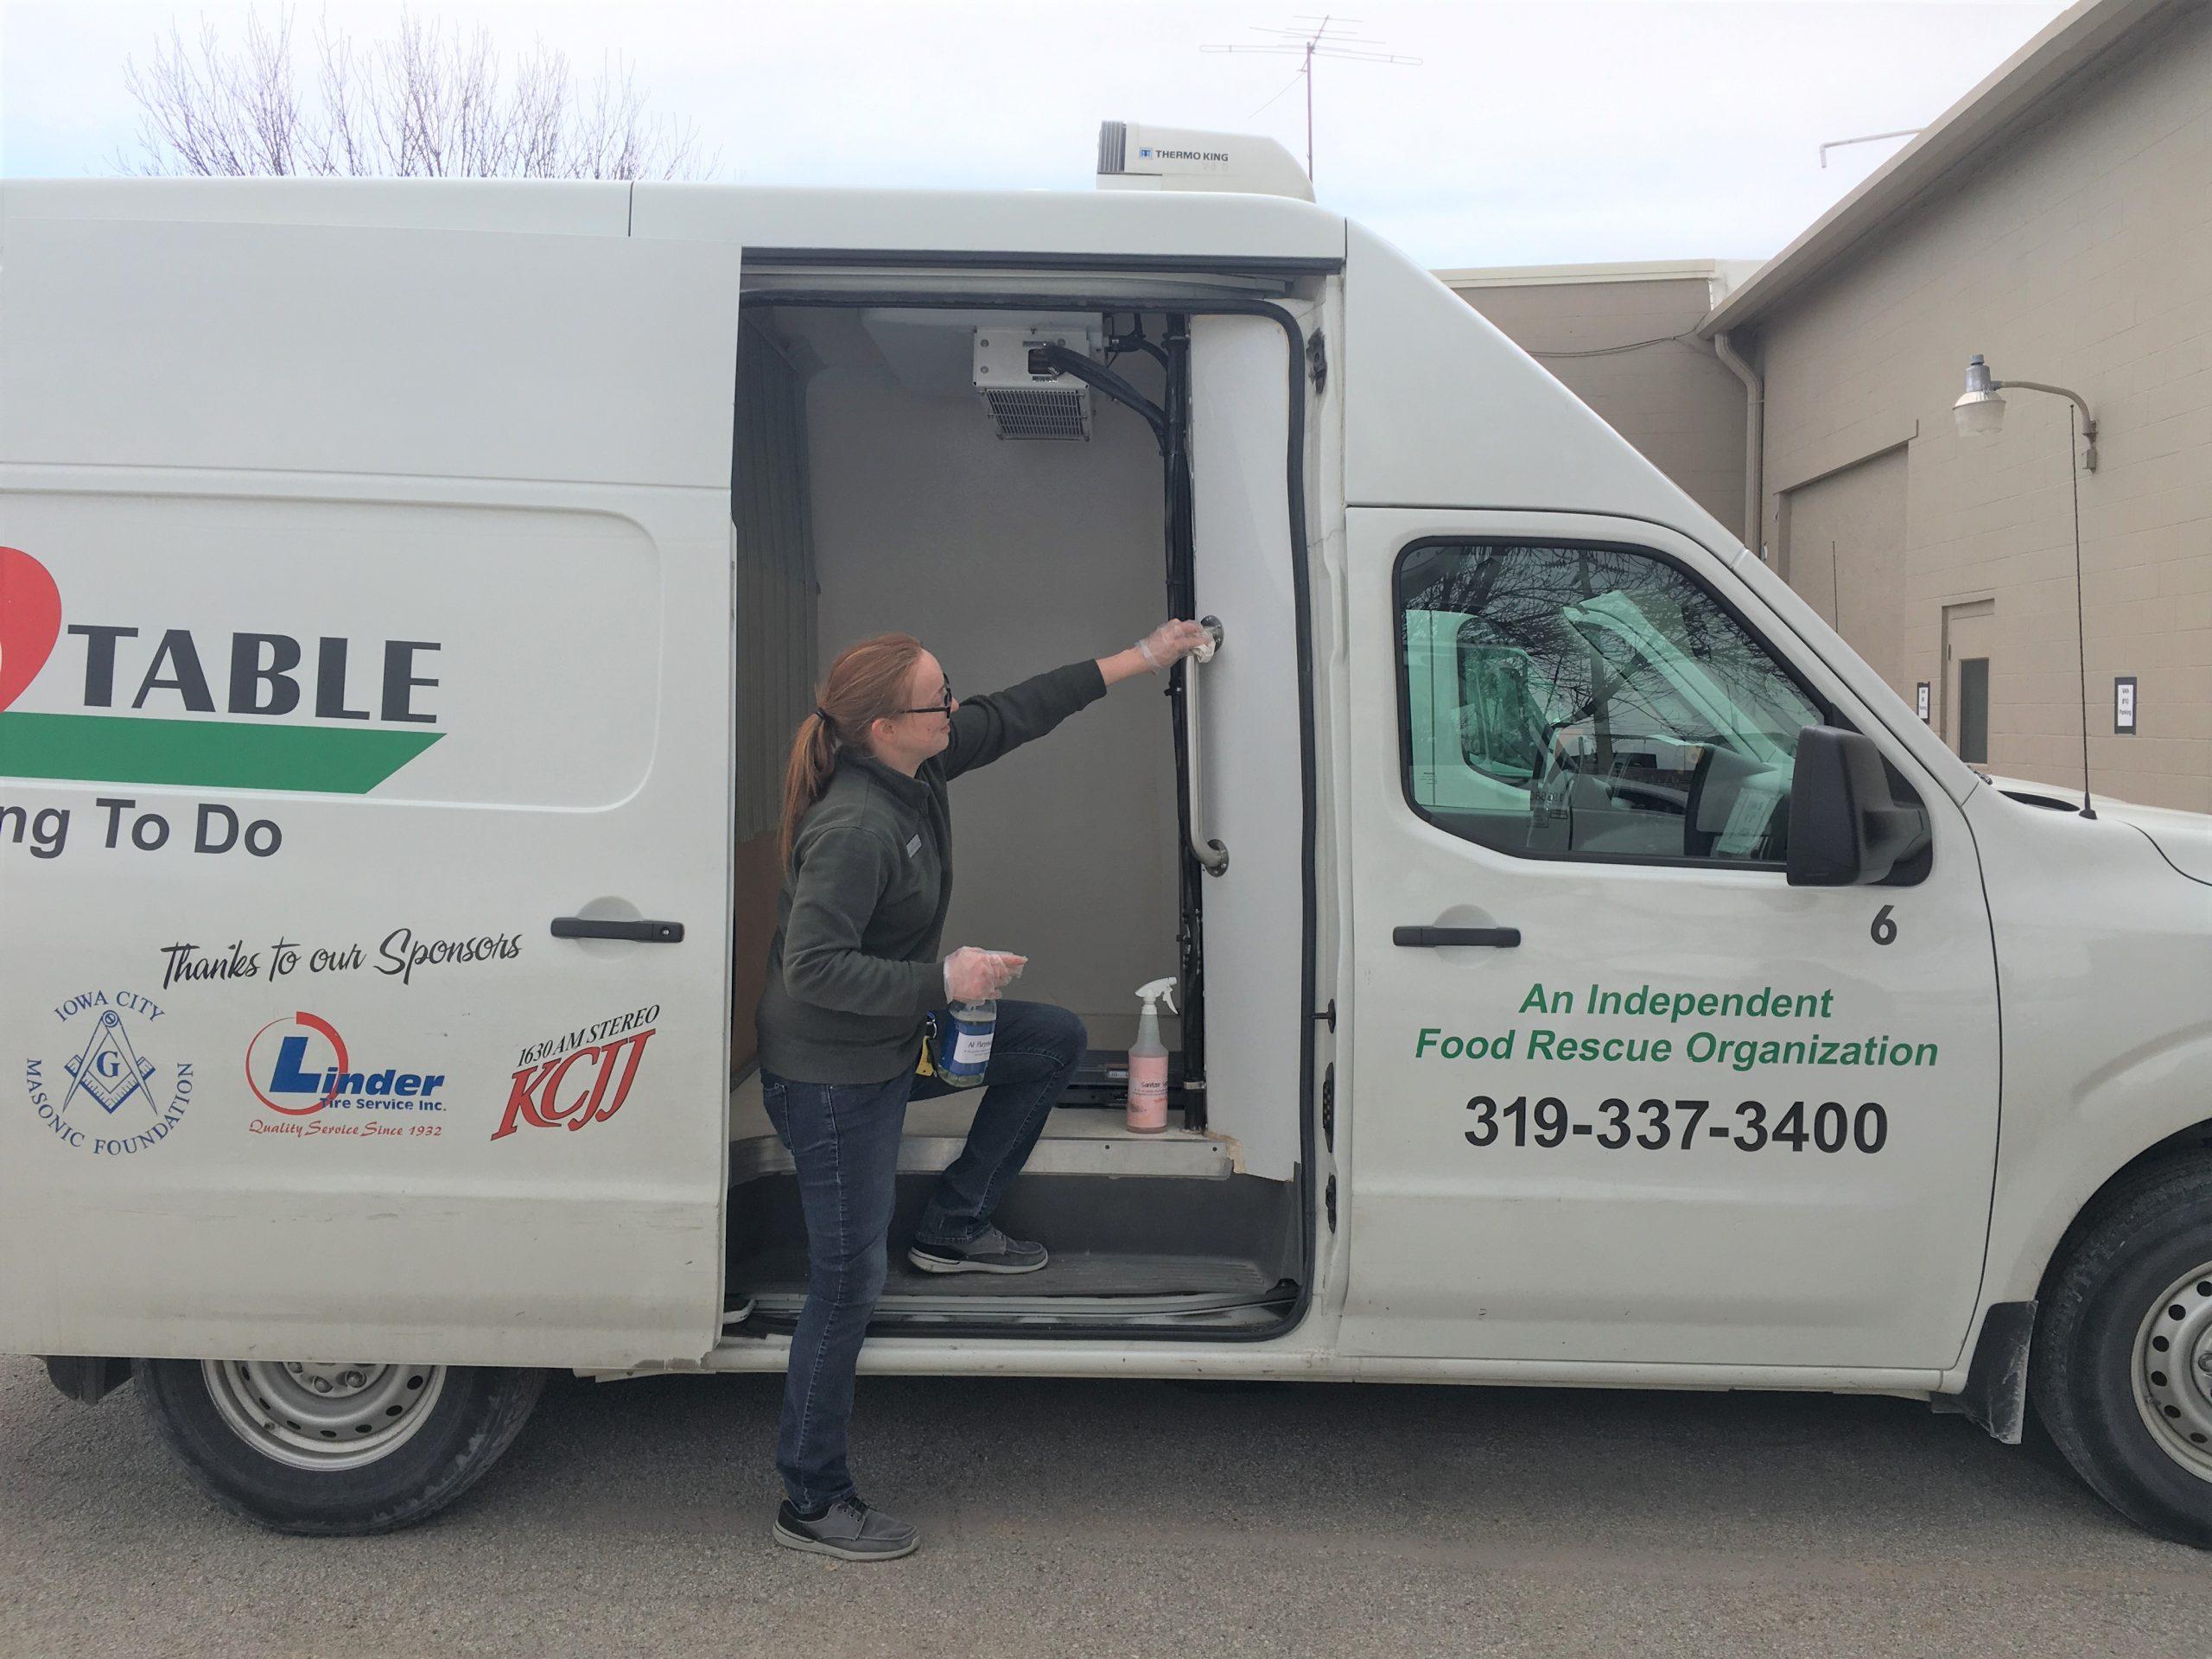 Volunteer cleans vans